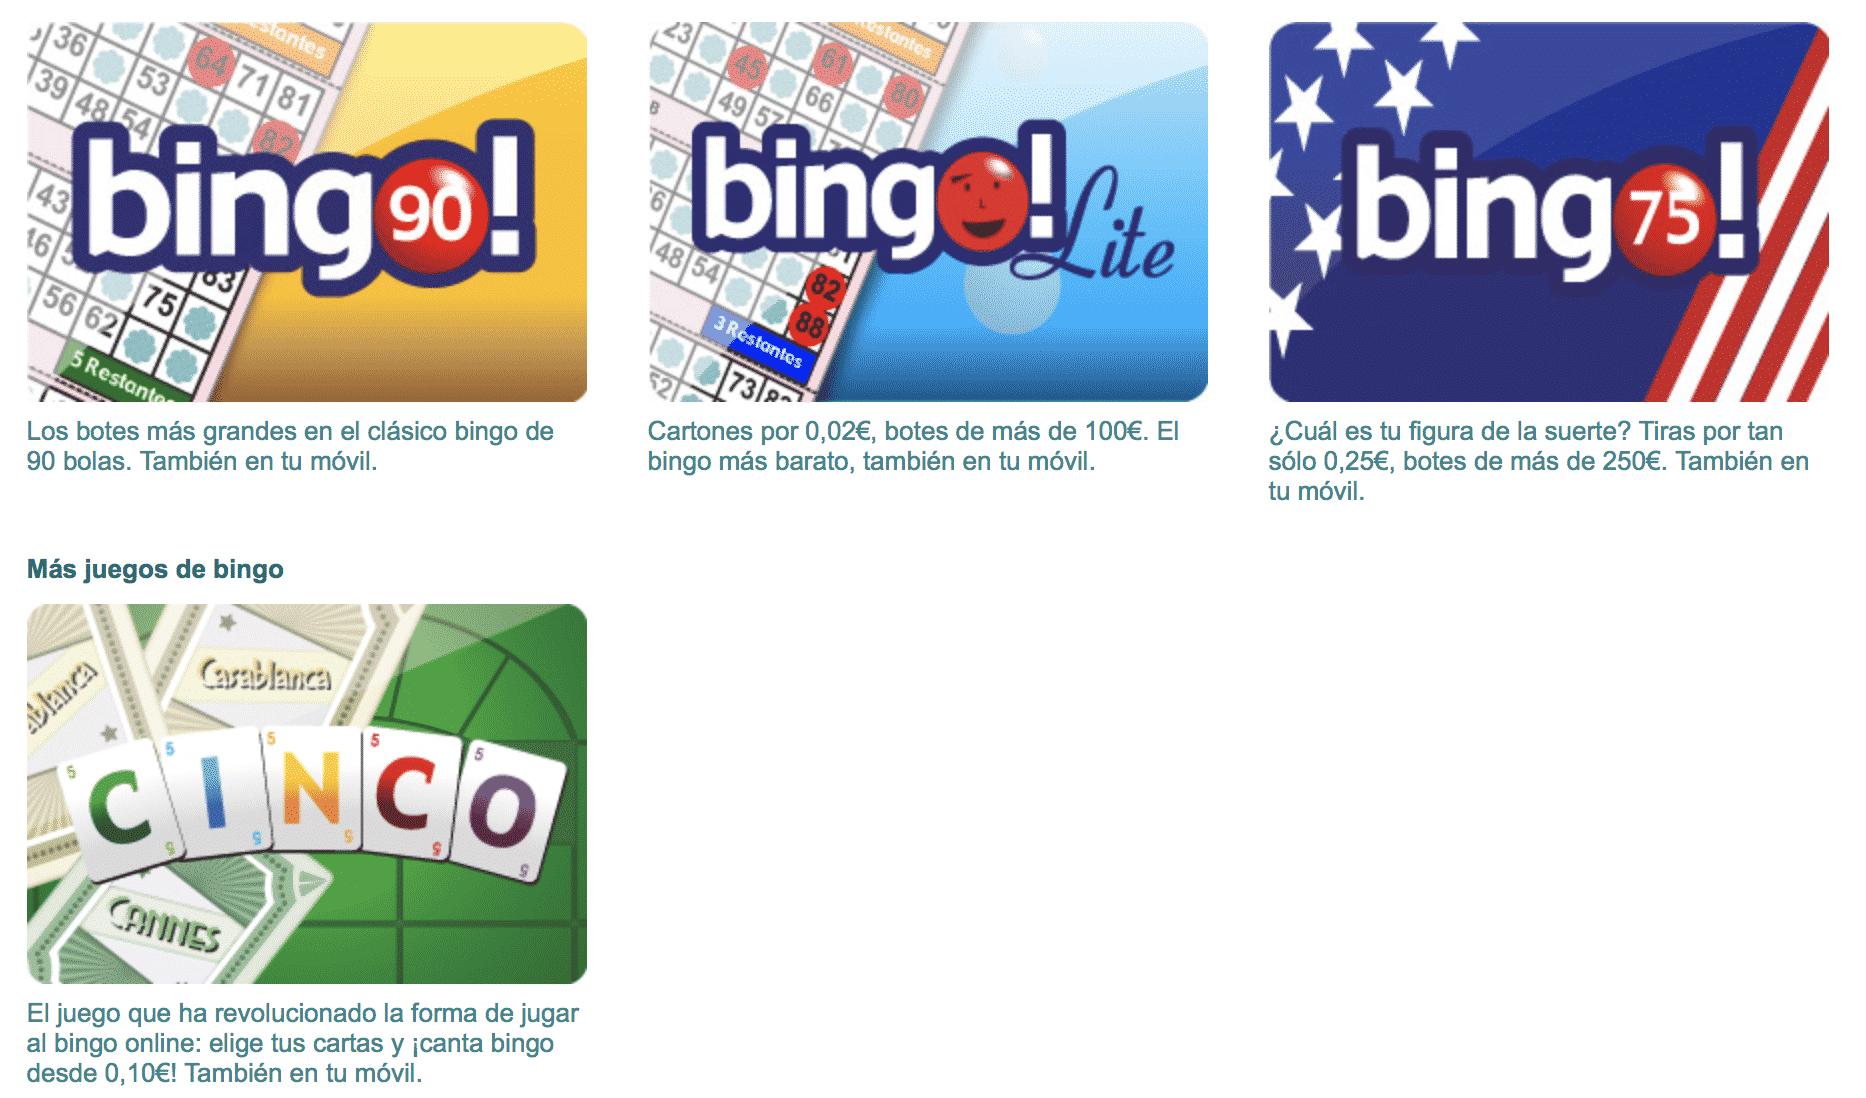 Apuesta mercado jugadores tombola bingo online free-891000